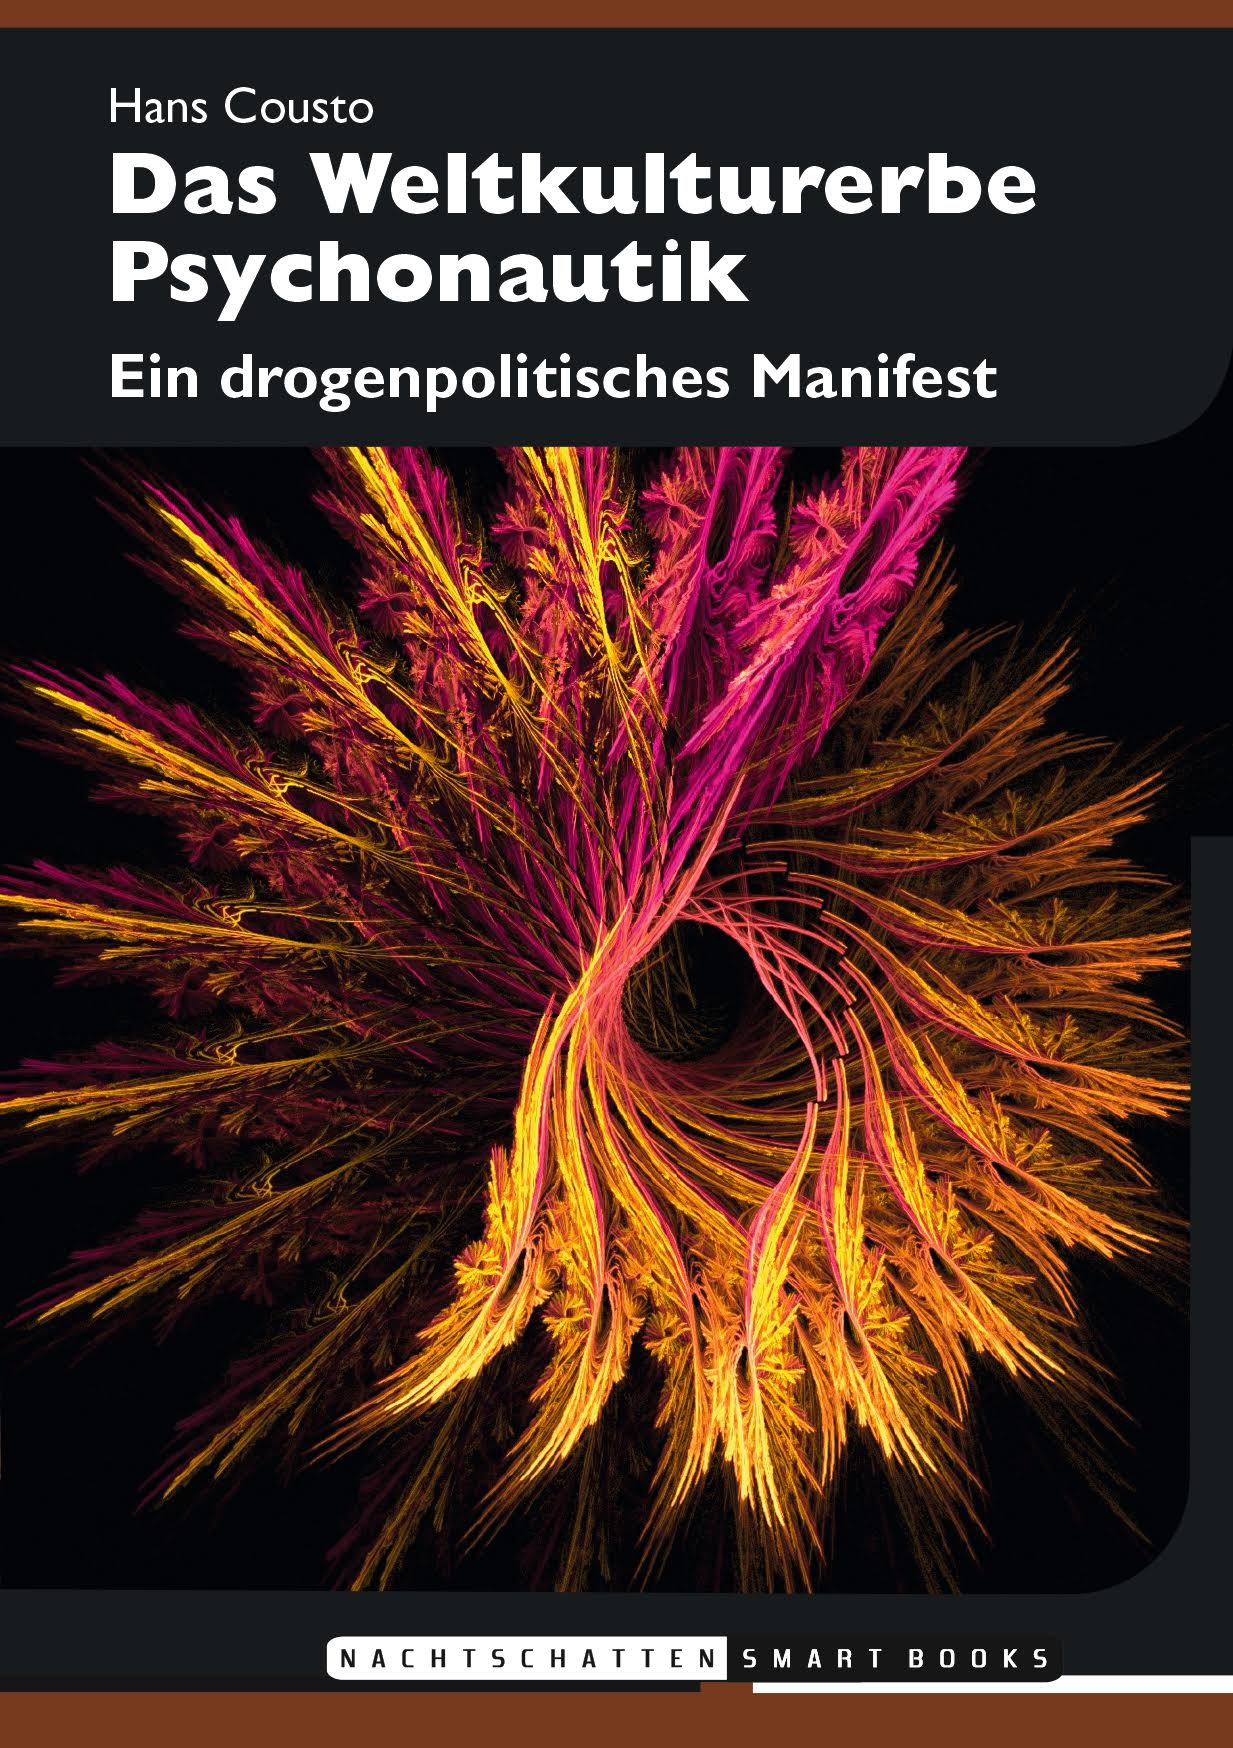 """Abbildung 3 zeigt das Cover des Buches """"Das Weltkulturerbe Psychonautik – Ein drogenpolitisches Manifest"""", Nachtschatten Verlag, Solothurn 2017 (ISBN: 978-3-03788-525-3, 64 Seiten, Format A6 (Smartbook), Broschur: 9.90 Euro, eBook: 4,99 Euro)."""